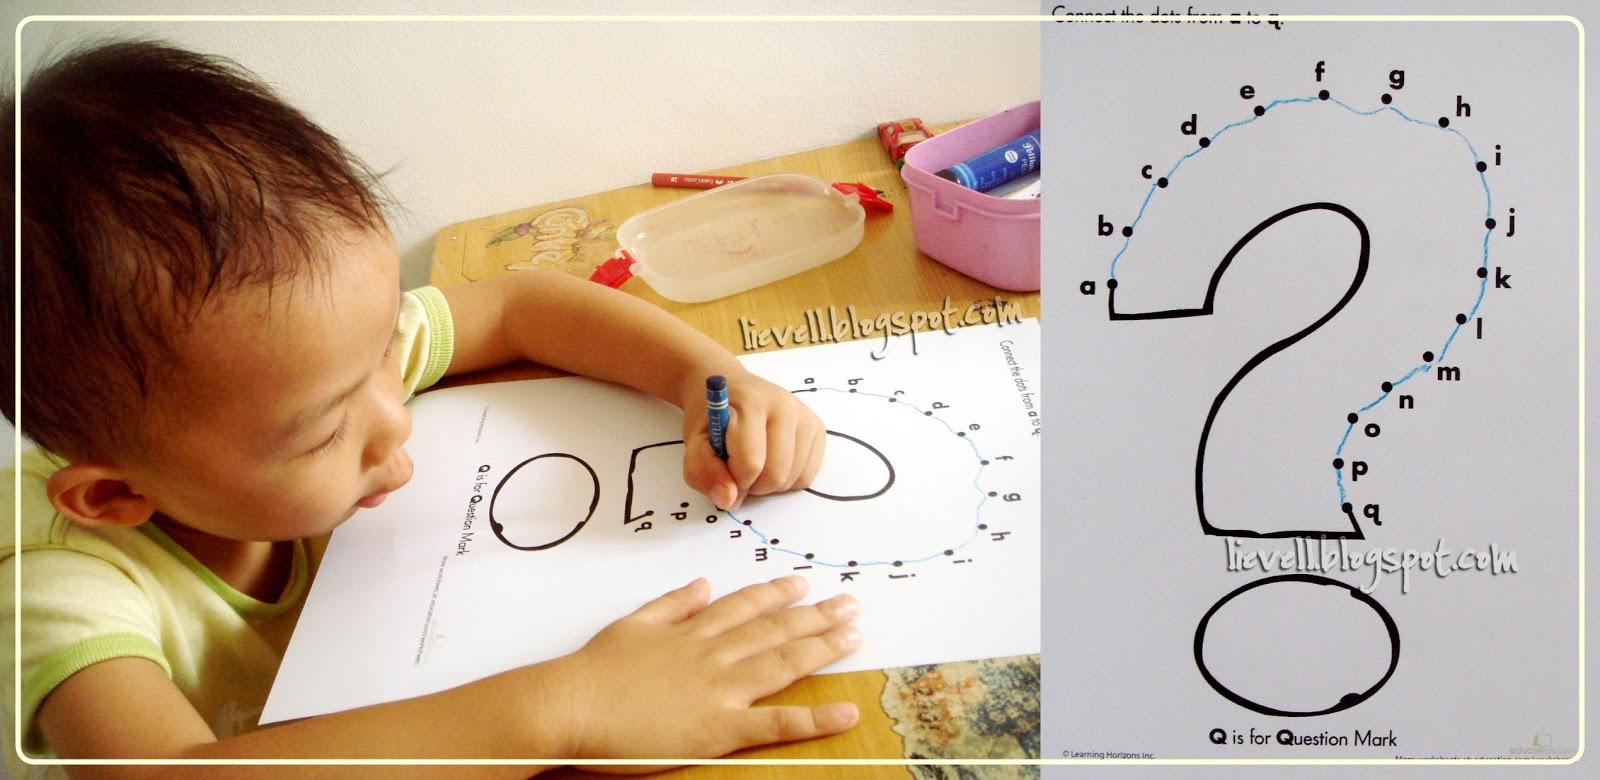 Preschool : Letter Q - Lievell